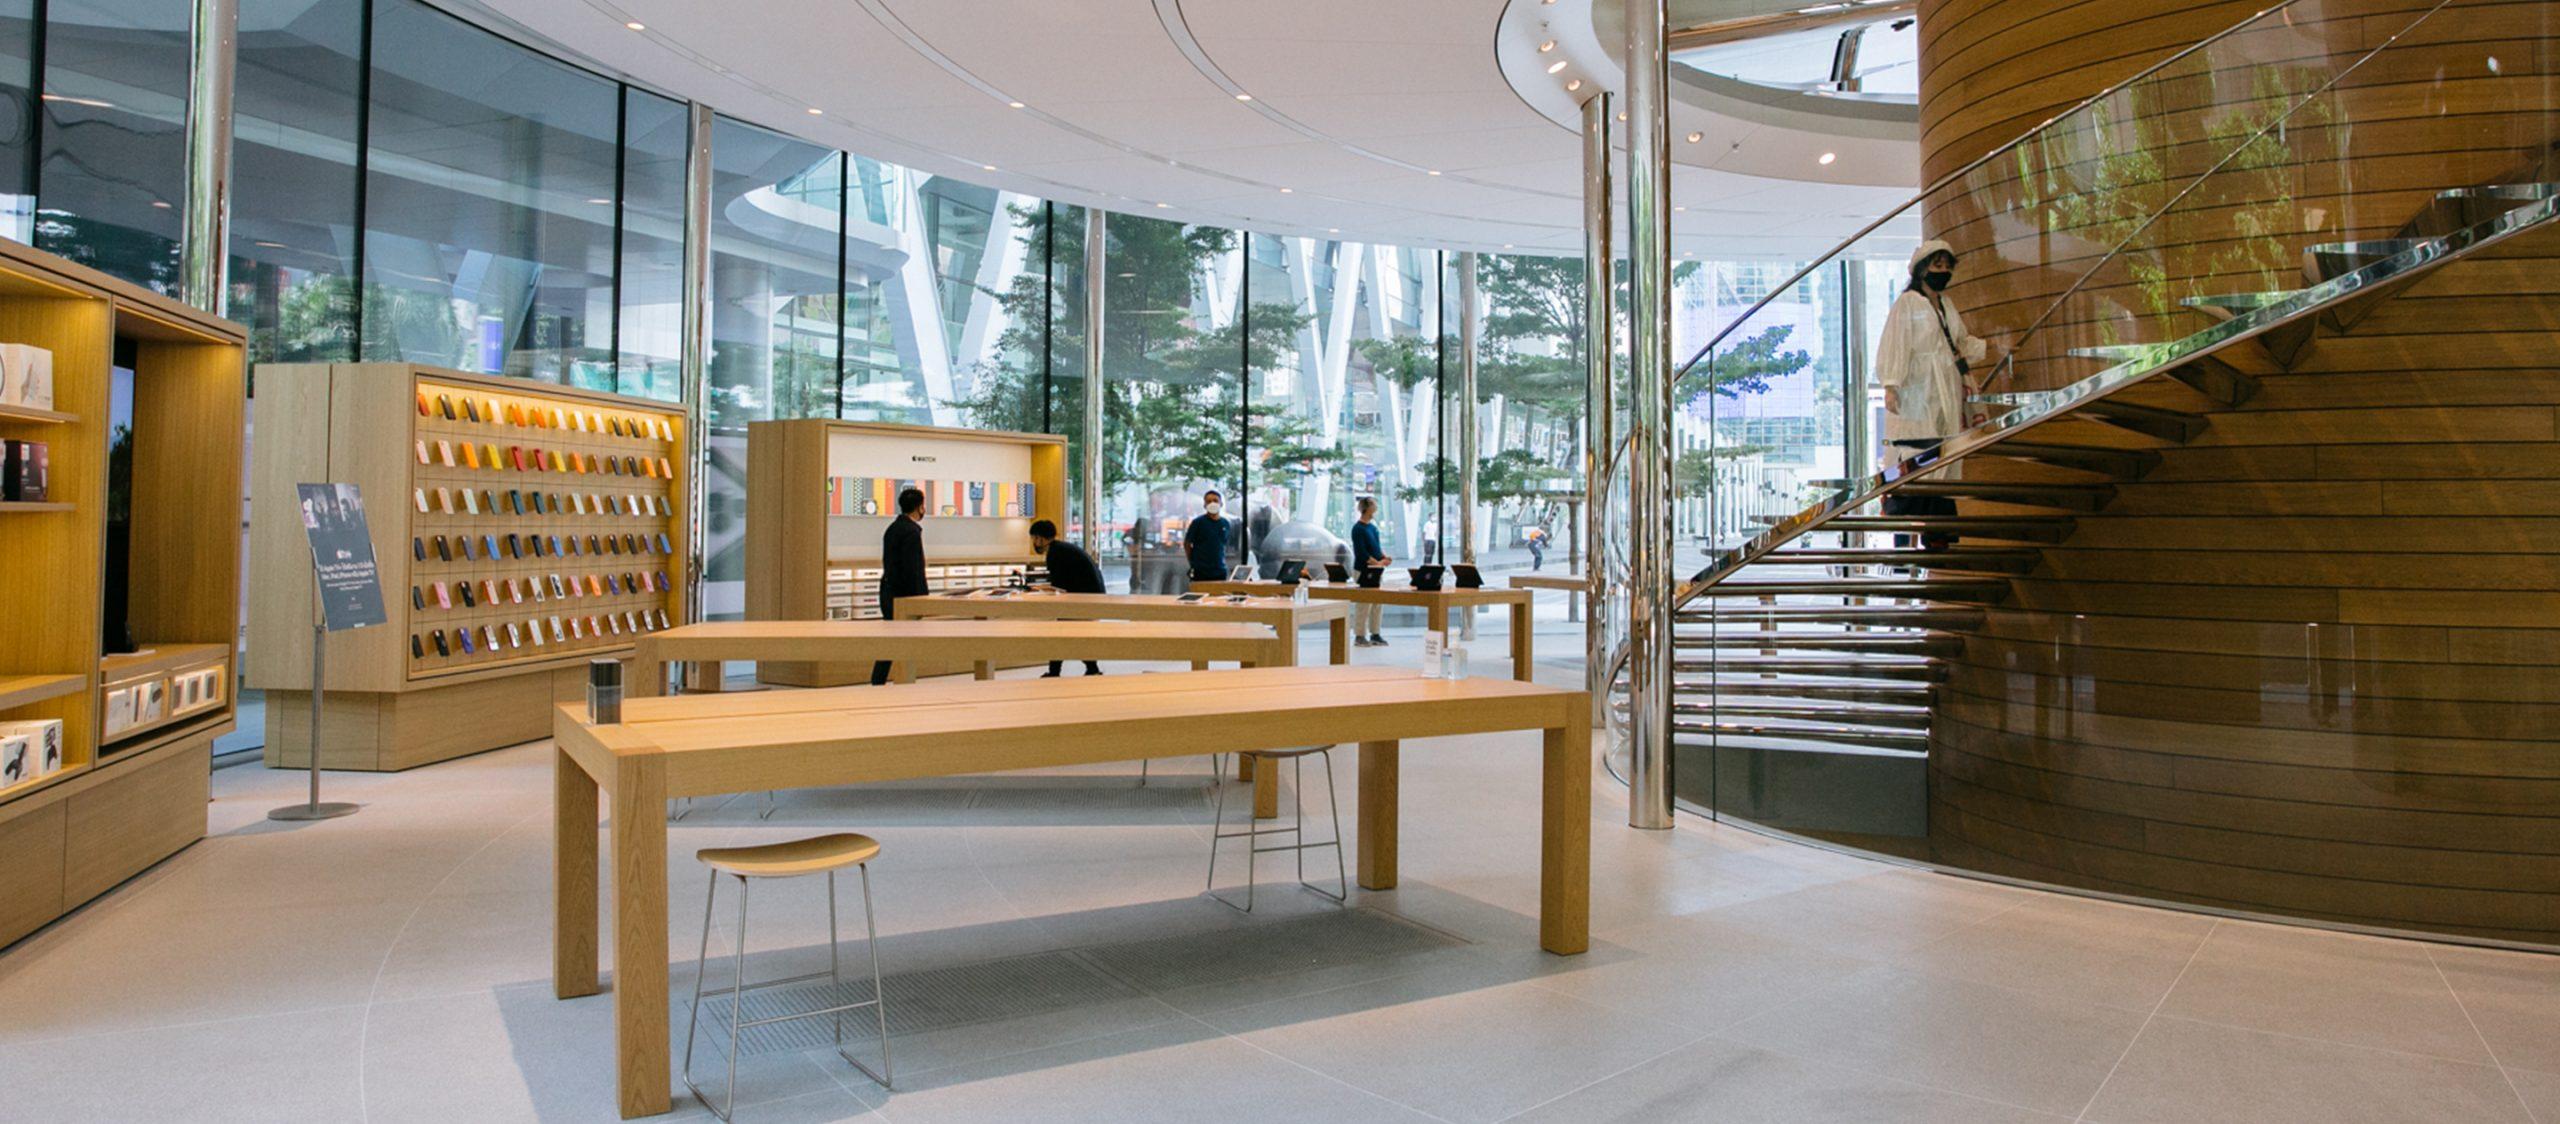 คุยกับดีไซเนอร์เบื้องหลังตึกทรงกระบอก กระจกใส และดีไซน์ของ Apple Central World